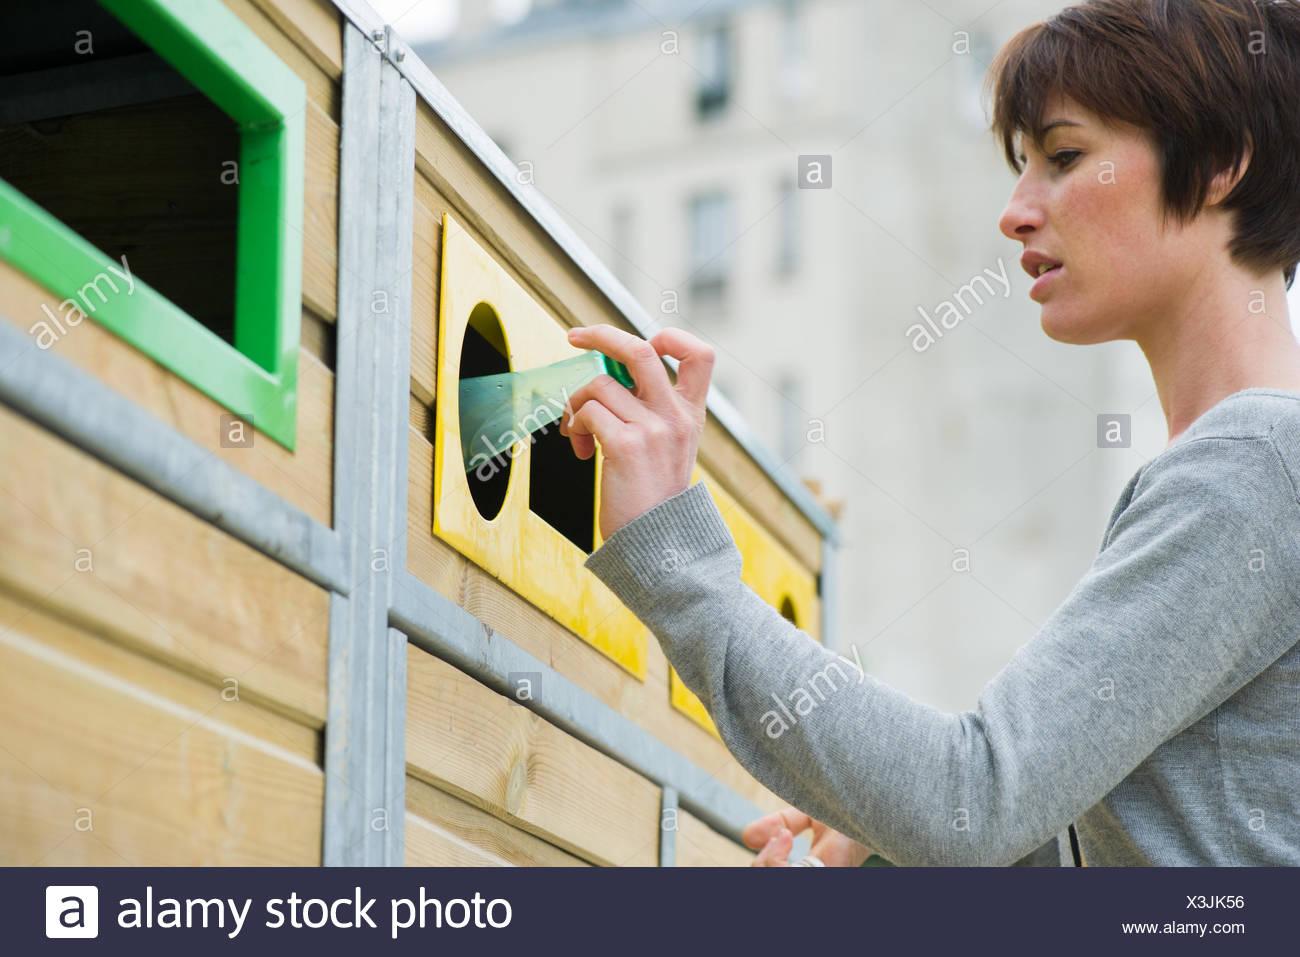 Mujer colocando la botella de plástico en la papelera de reciclaje Imagen De Stock